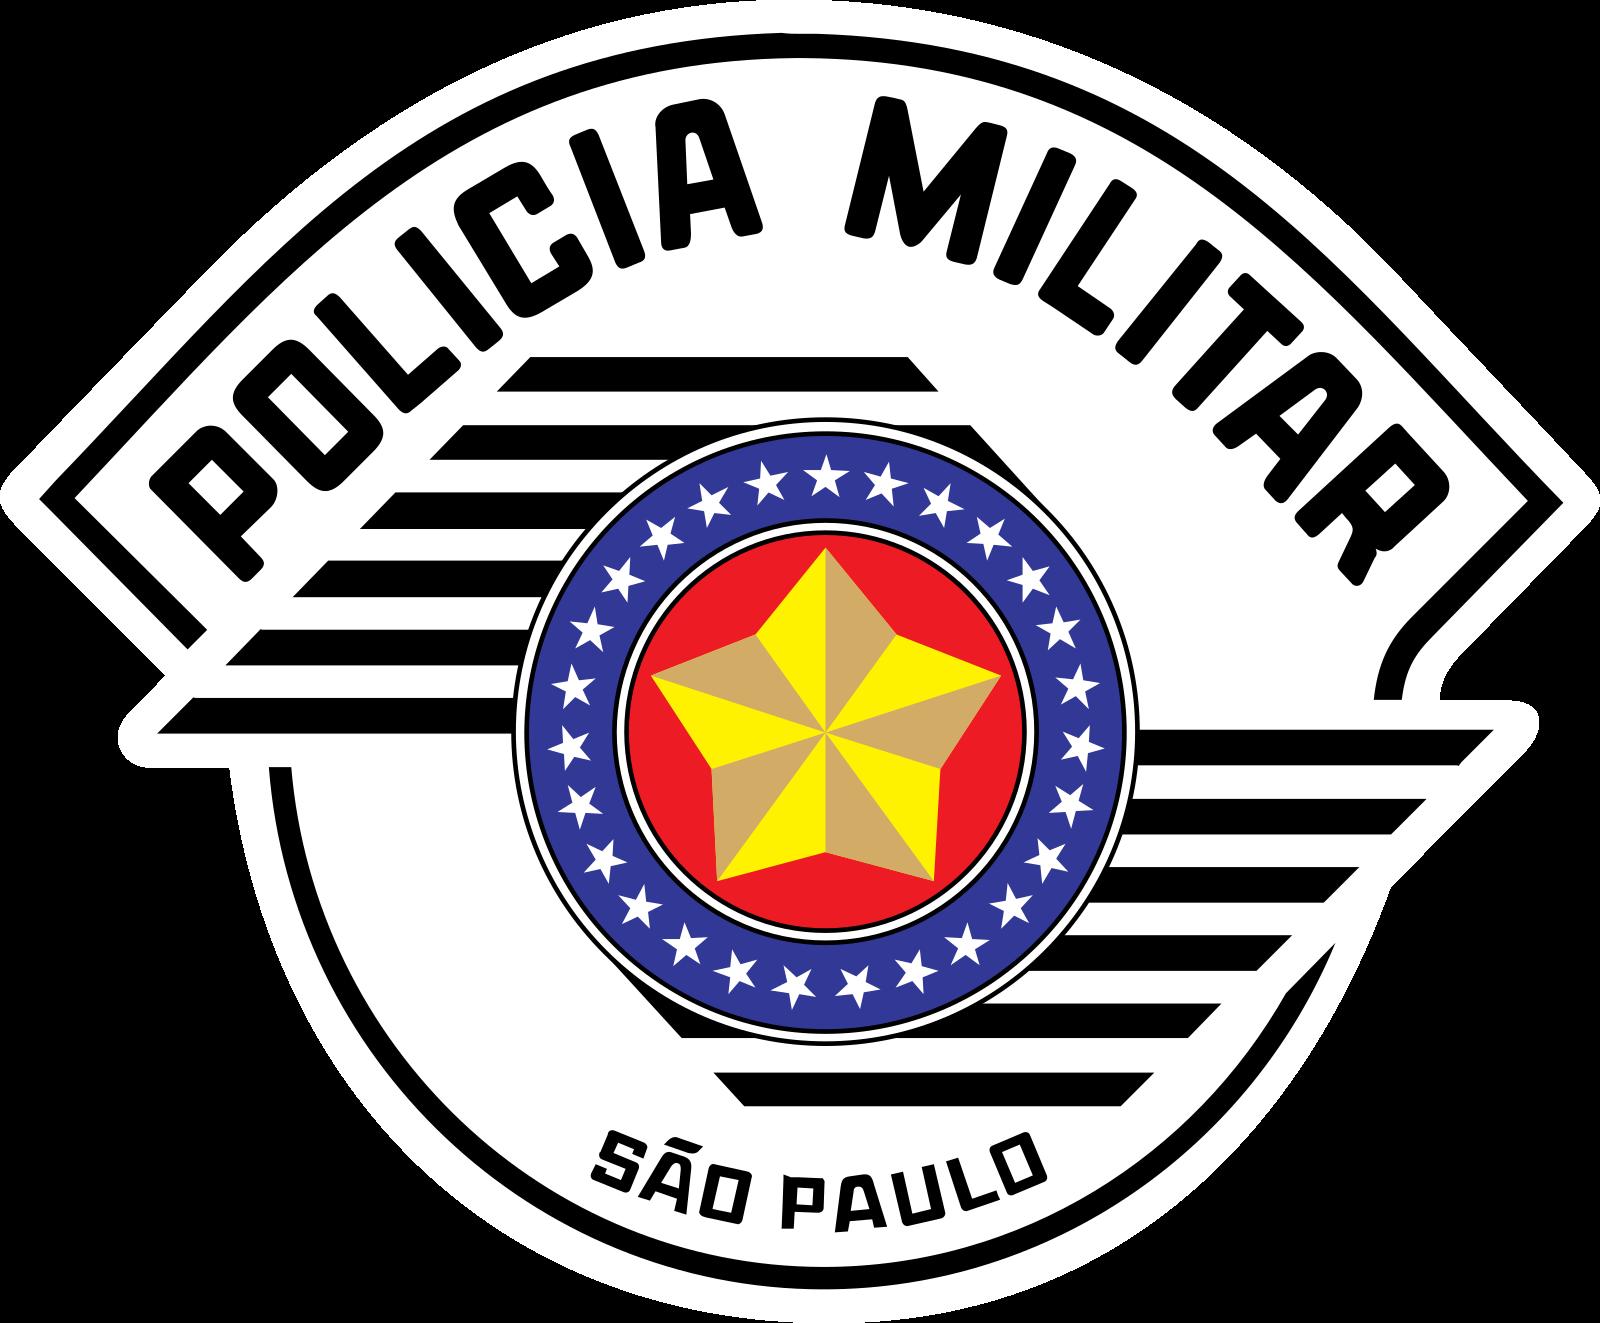 policia-militar-sp-logo-2